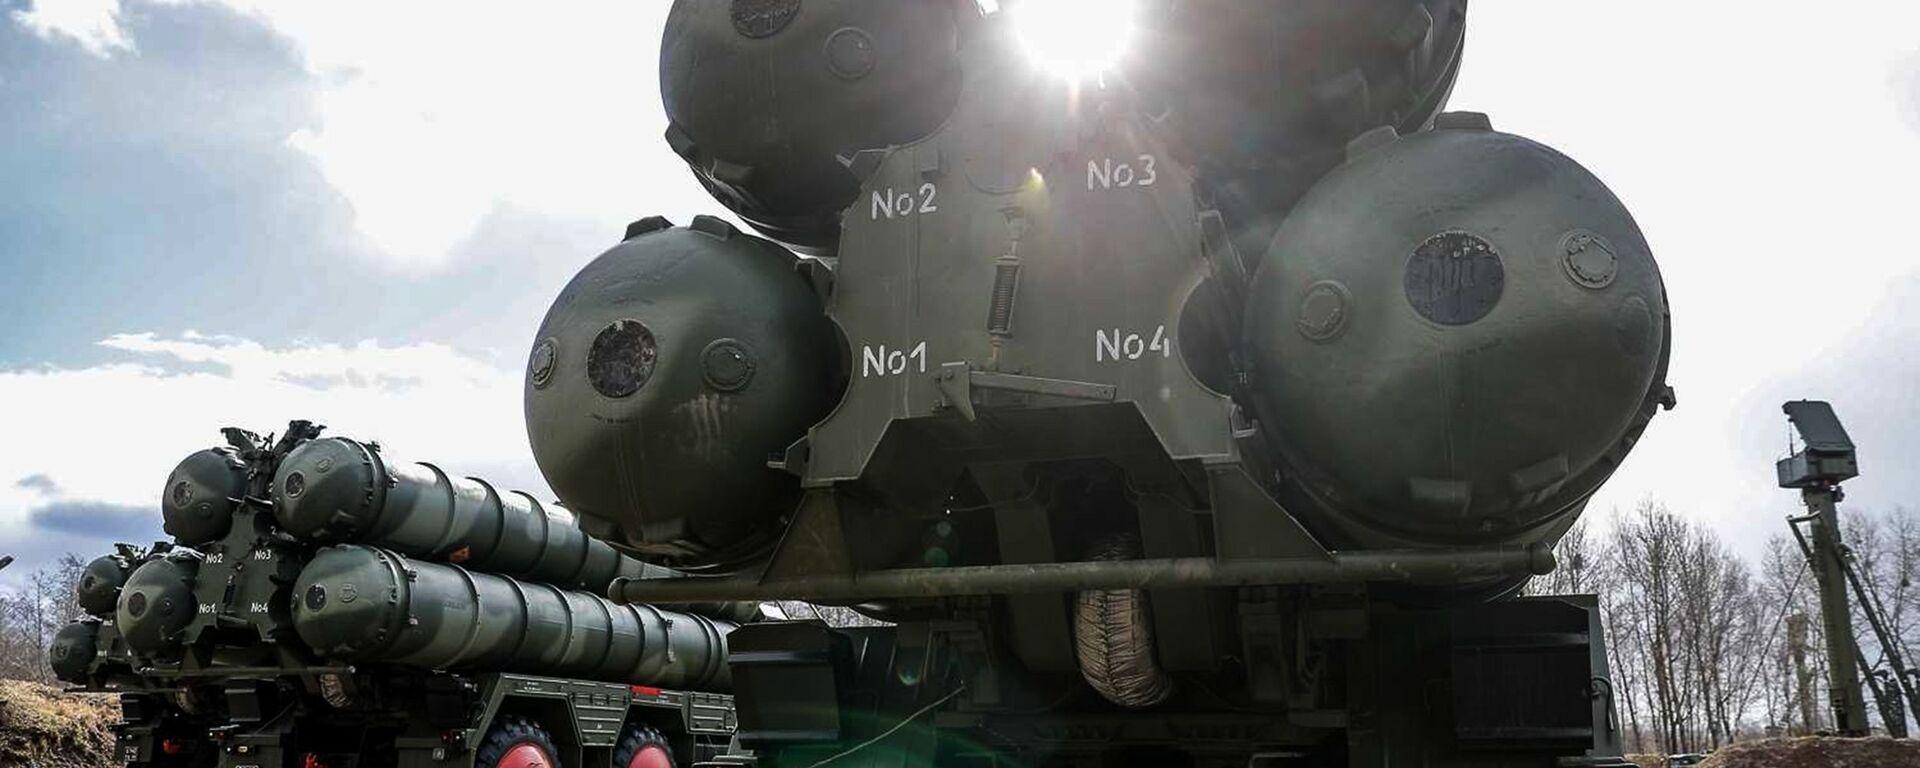 Новые расчеты С-400 заступили на первое боевое дежурство в Калининградской области - Sputnik Латвия, 1920, 17.06.2021